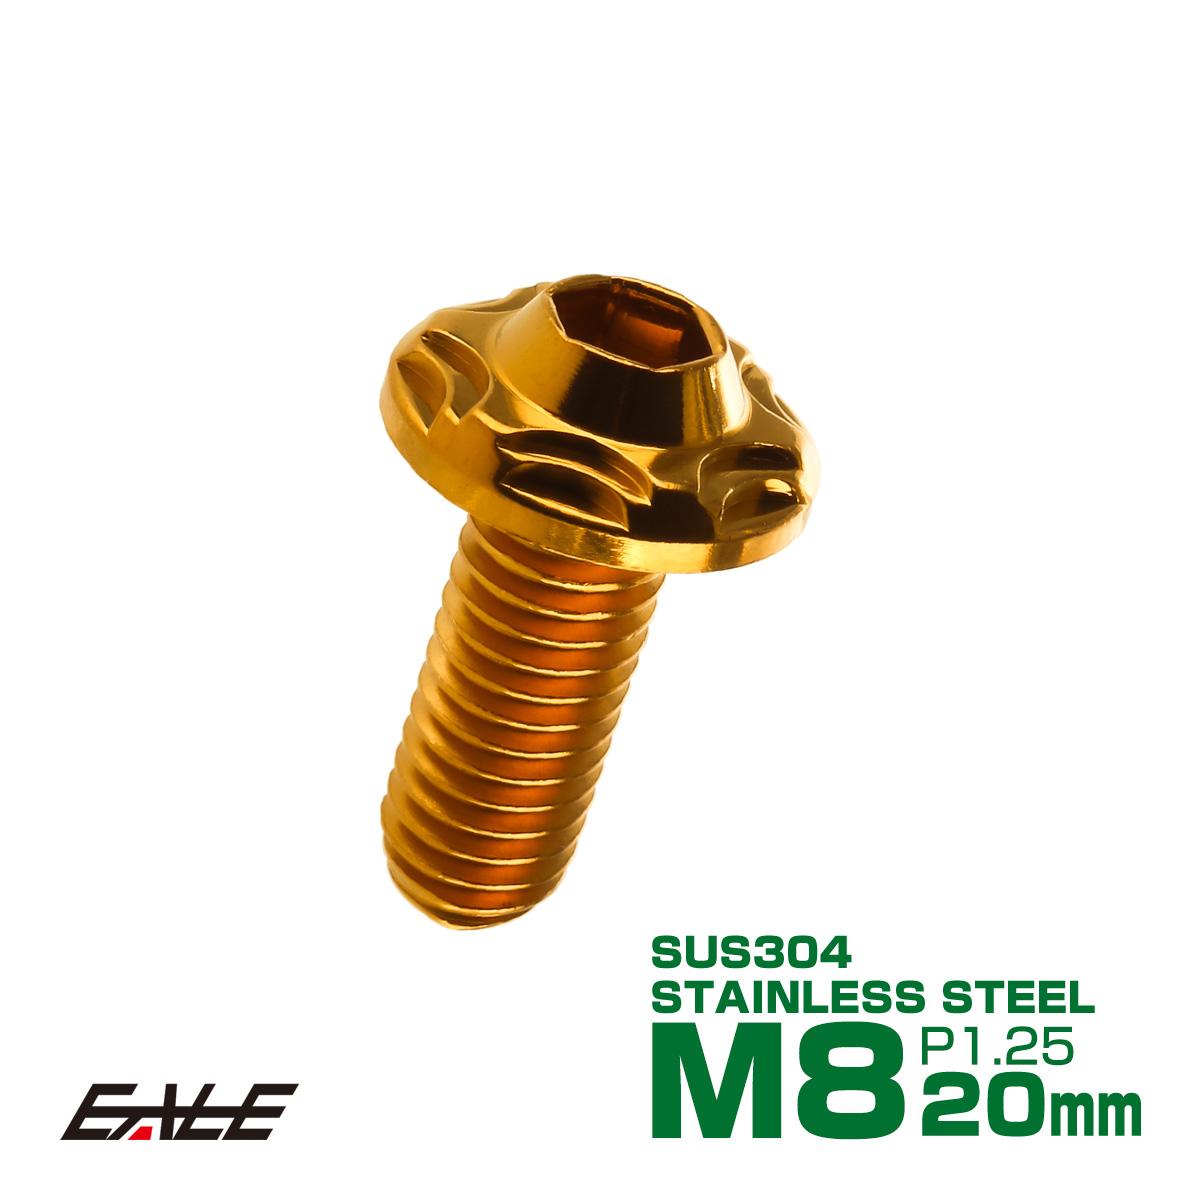 SUSステンレス製 M8×20mm P1.25 ブレーキ ディスク ローター ボルト スノーヘッド ヤマハ車用 ゴールド TD0118